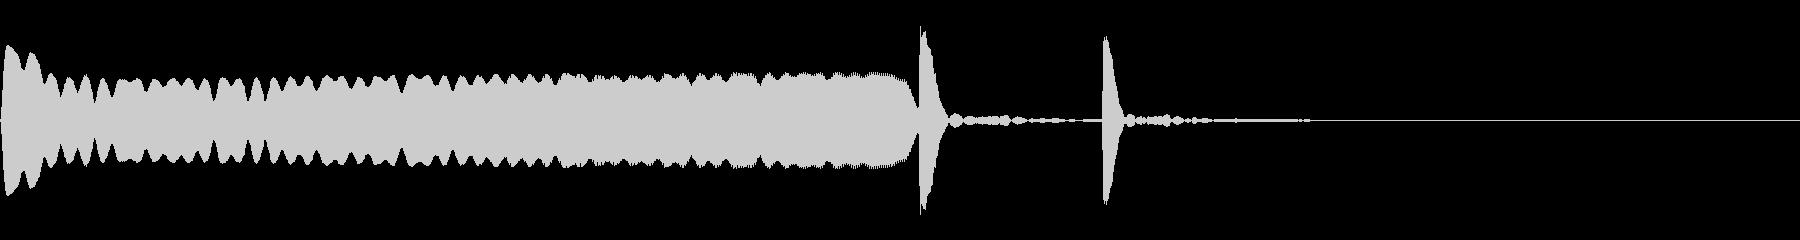 ヒューンポコ:失敗、残念なイメージの未再生の波形